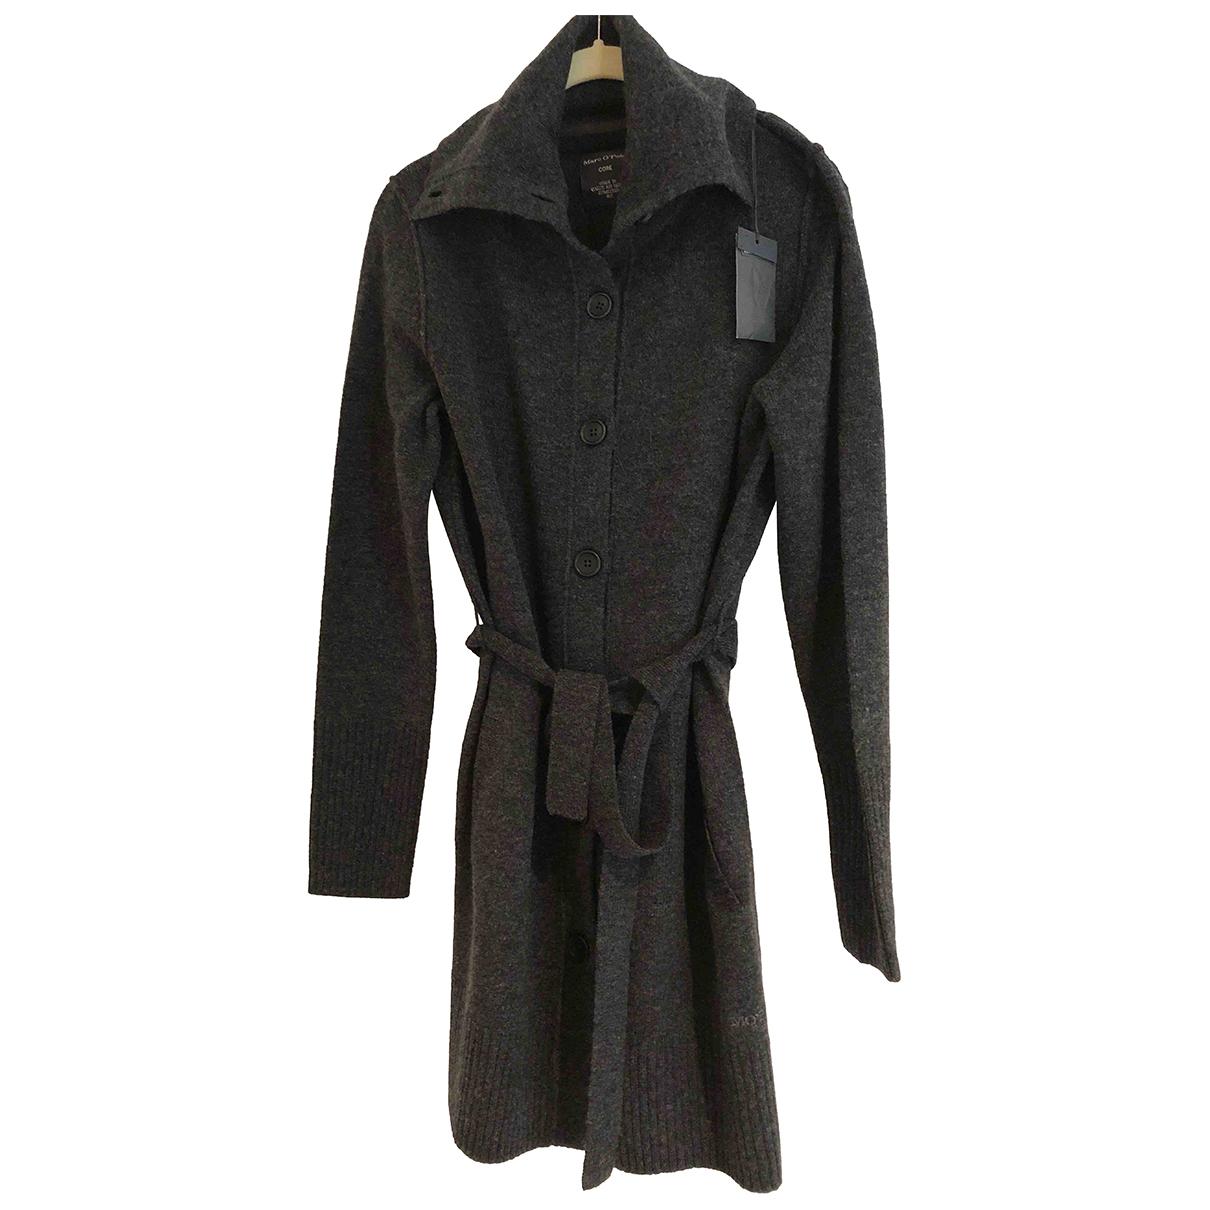 Autre Marque N Grey Wool Knitwear for Women 8 UK